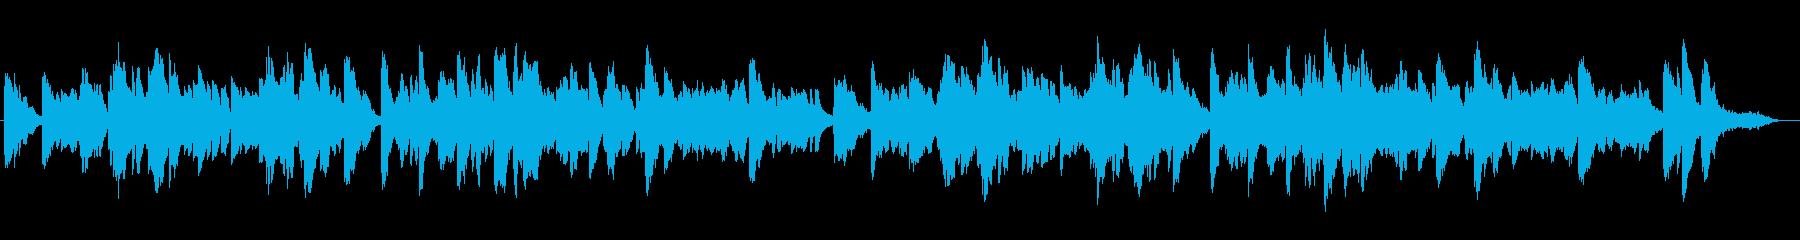 透明な音色が美しい、優しい曲の再生済みの波形